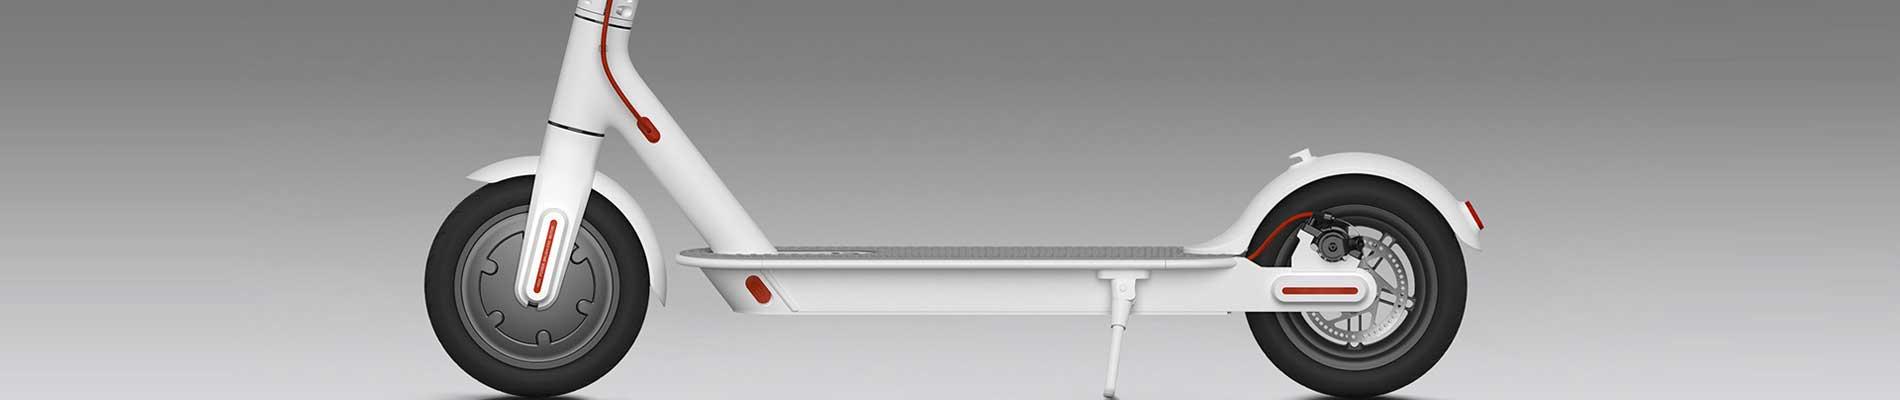 installer un guidon pour faire de la trottinette xiaomi. Black Bedroom Furniture Sets. Home Design Ideas